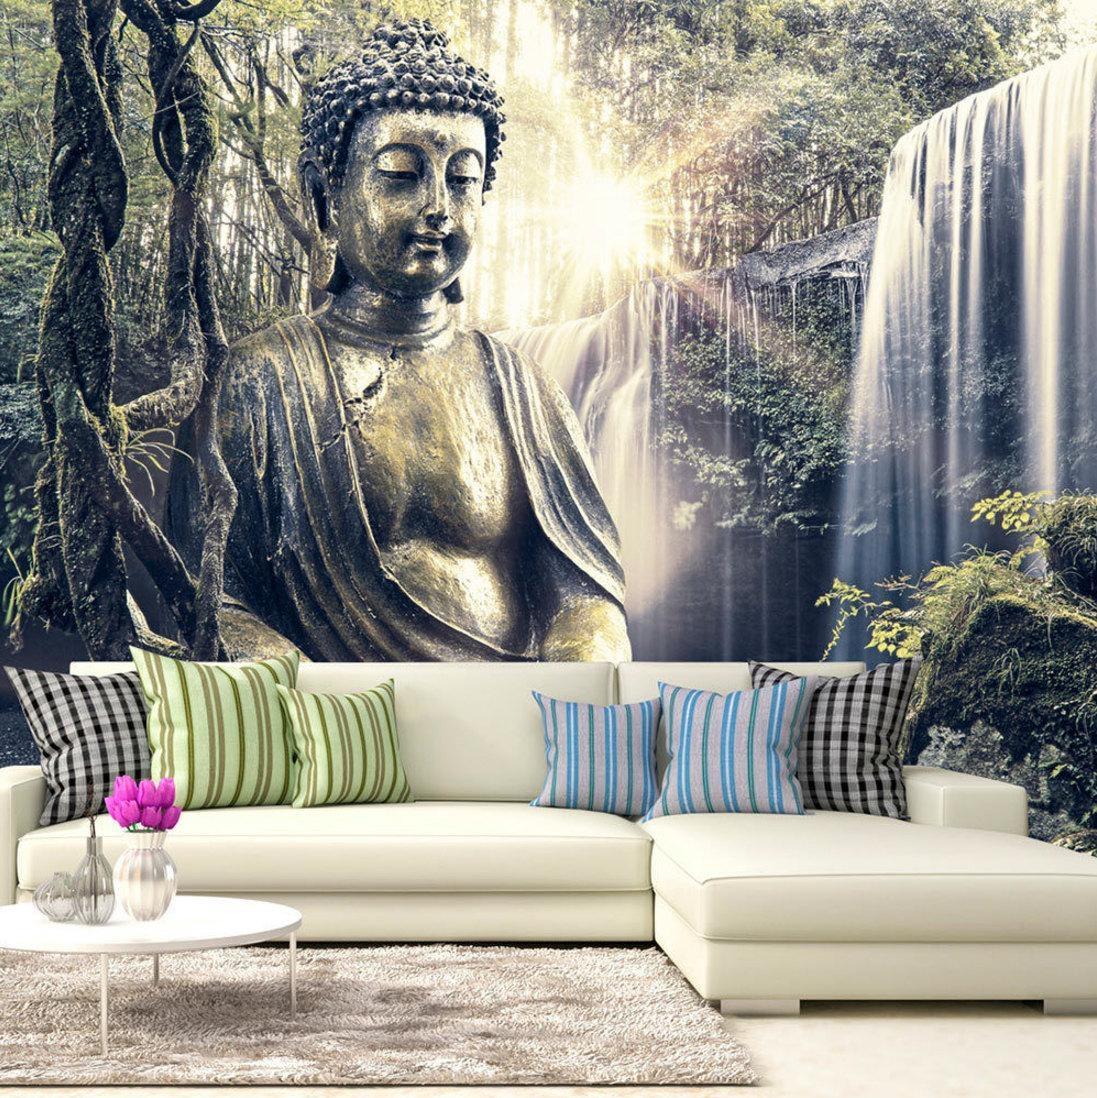 Photo Wallpaper Wall Murals Non Woven 3D Modern Art Buddha Regarding 3D Buddha Wall Art (View 18 of 20)